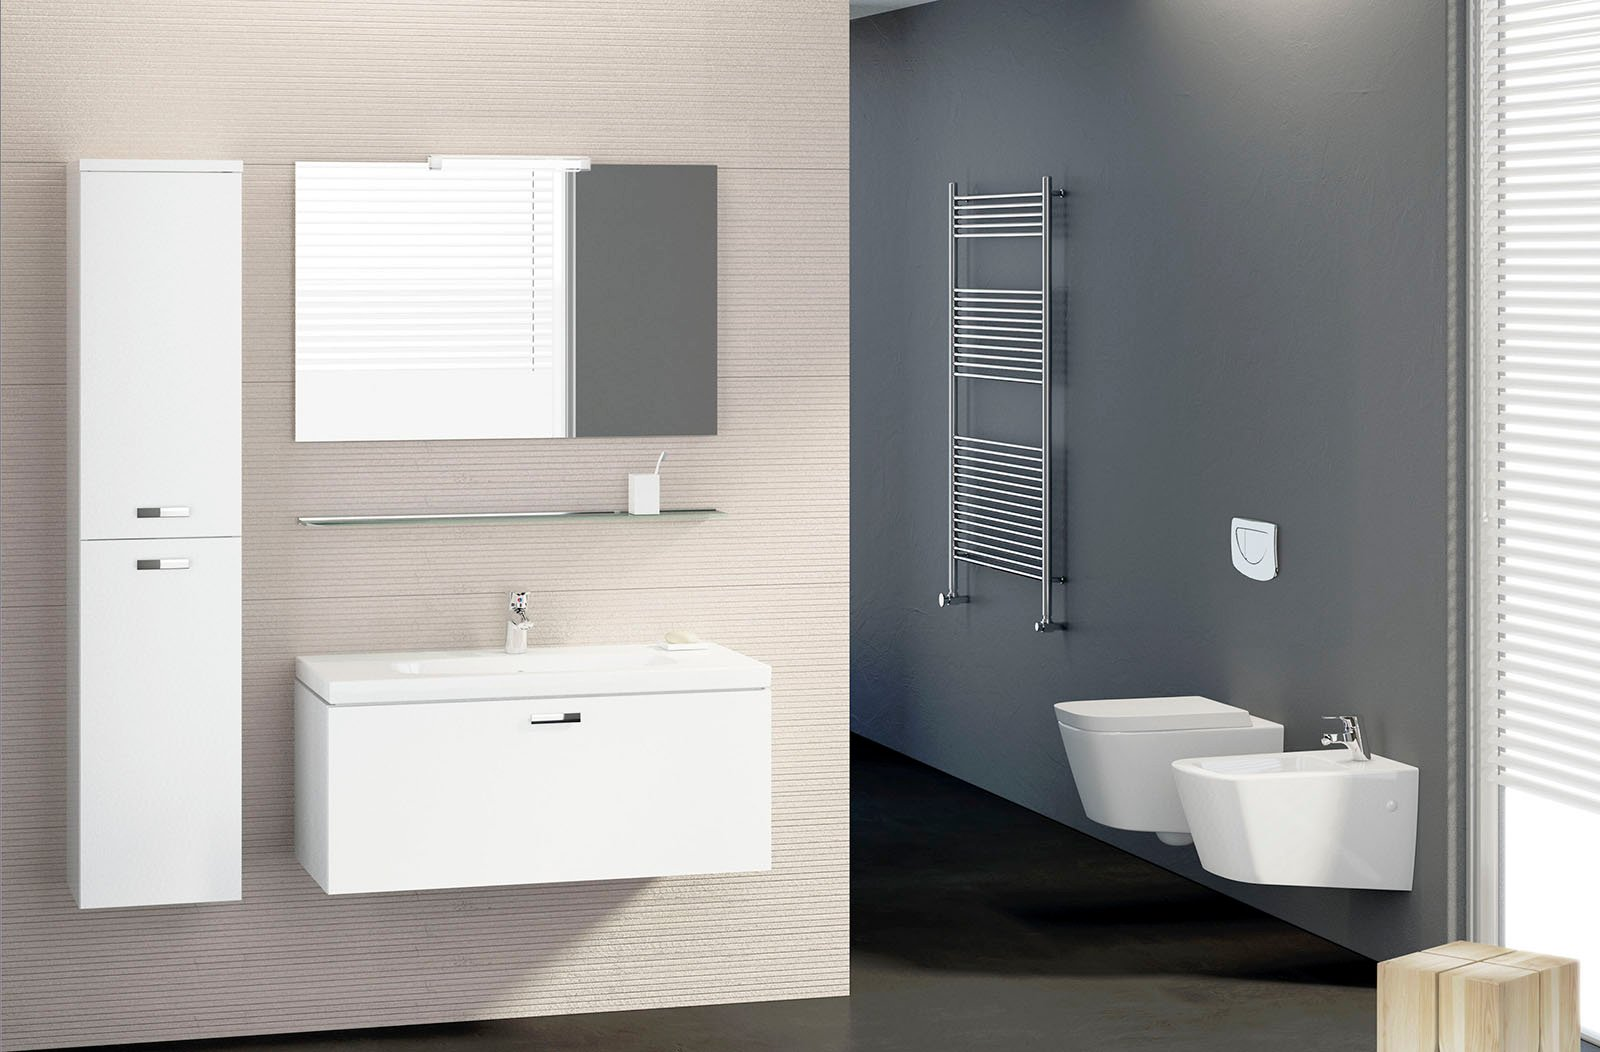 Sanitari sospesi per un bagno contemporaneo cose di casa - Sanitari per bagno prezzi ...